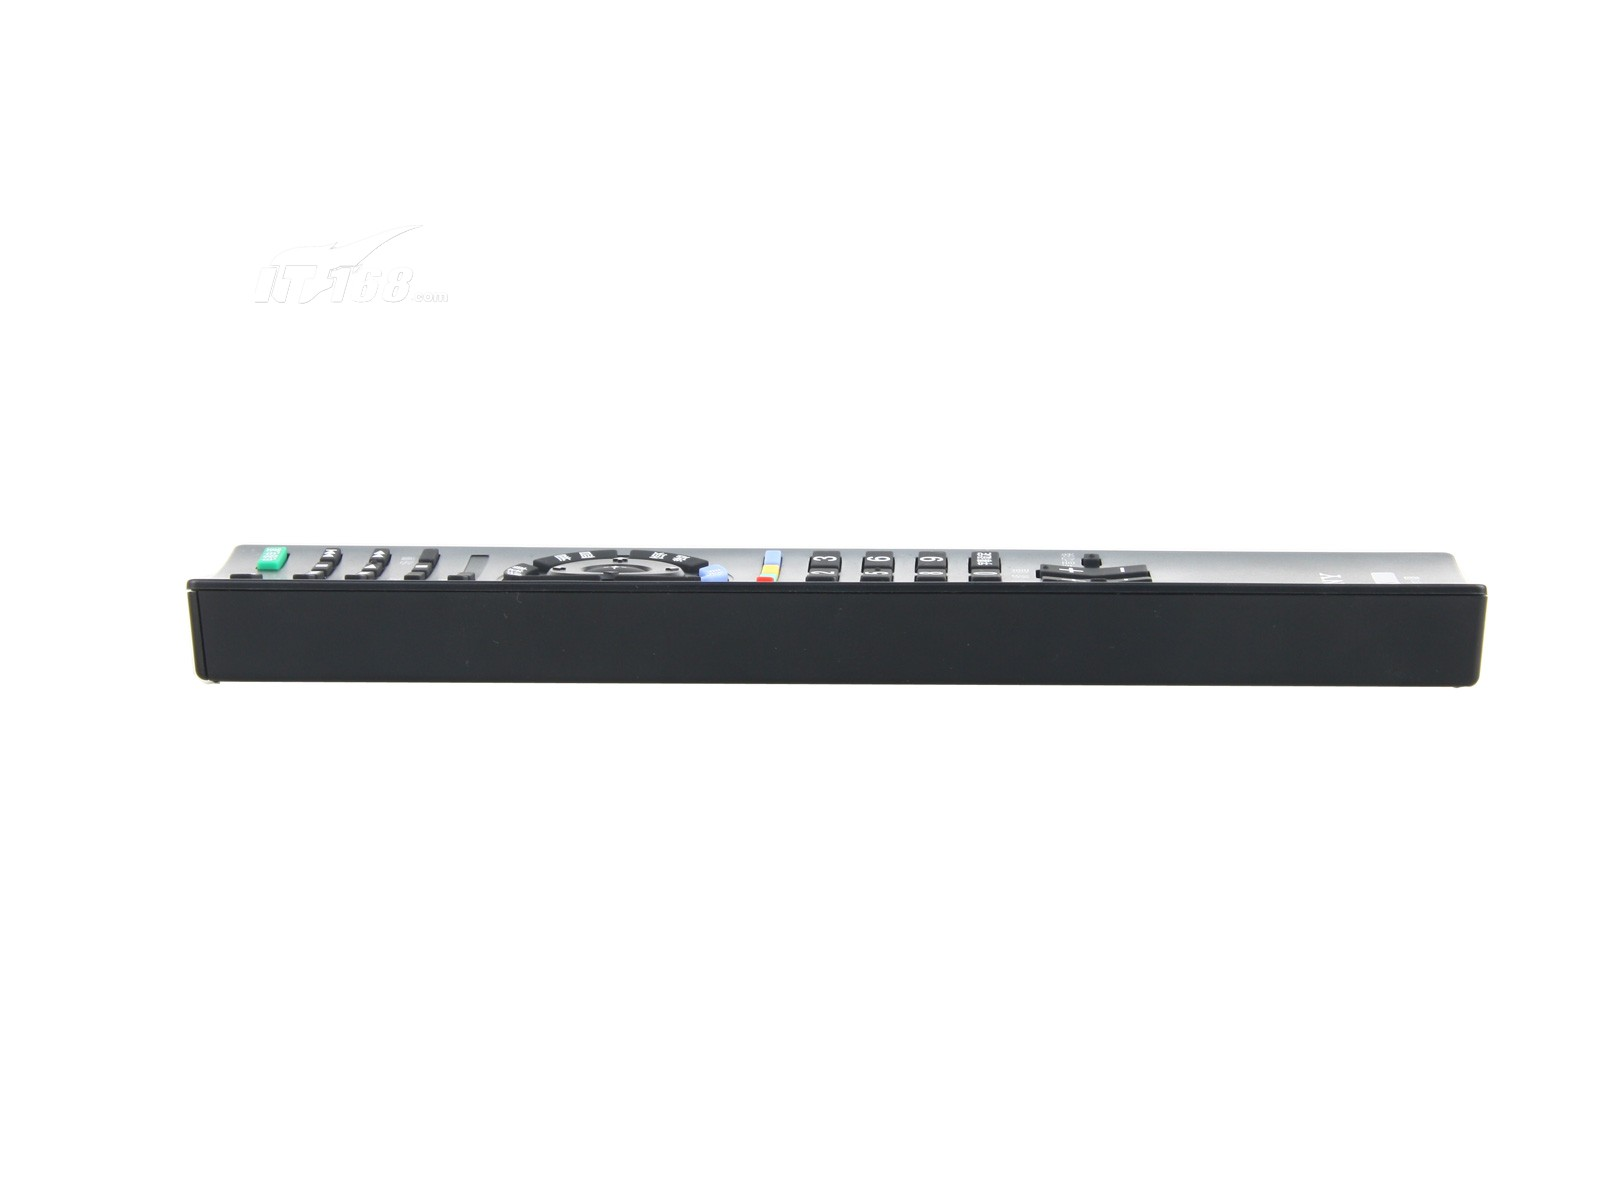 索尼kdl-40cx520遥控器图片